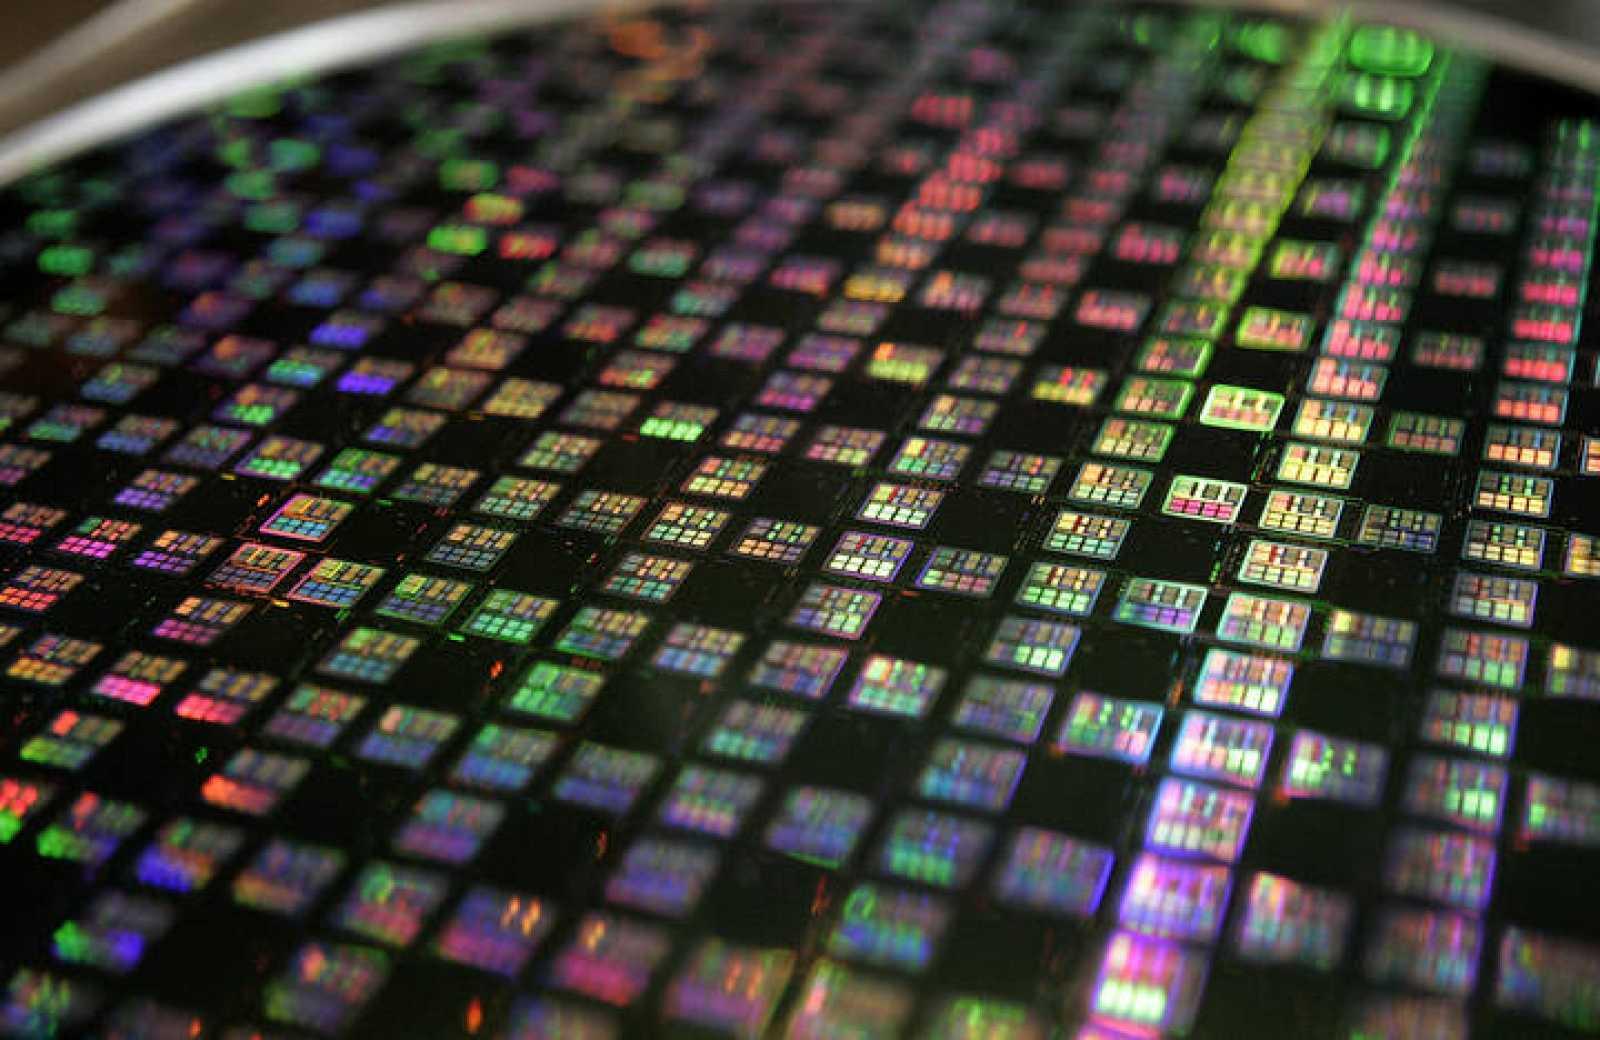 Un grupo de microchips en una compañía de semiconductores de Taiwán.